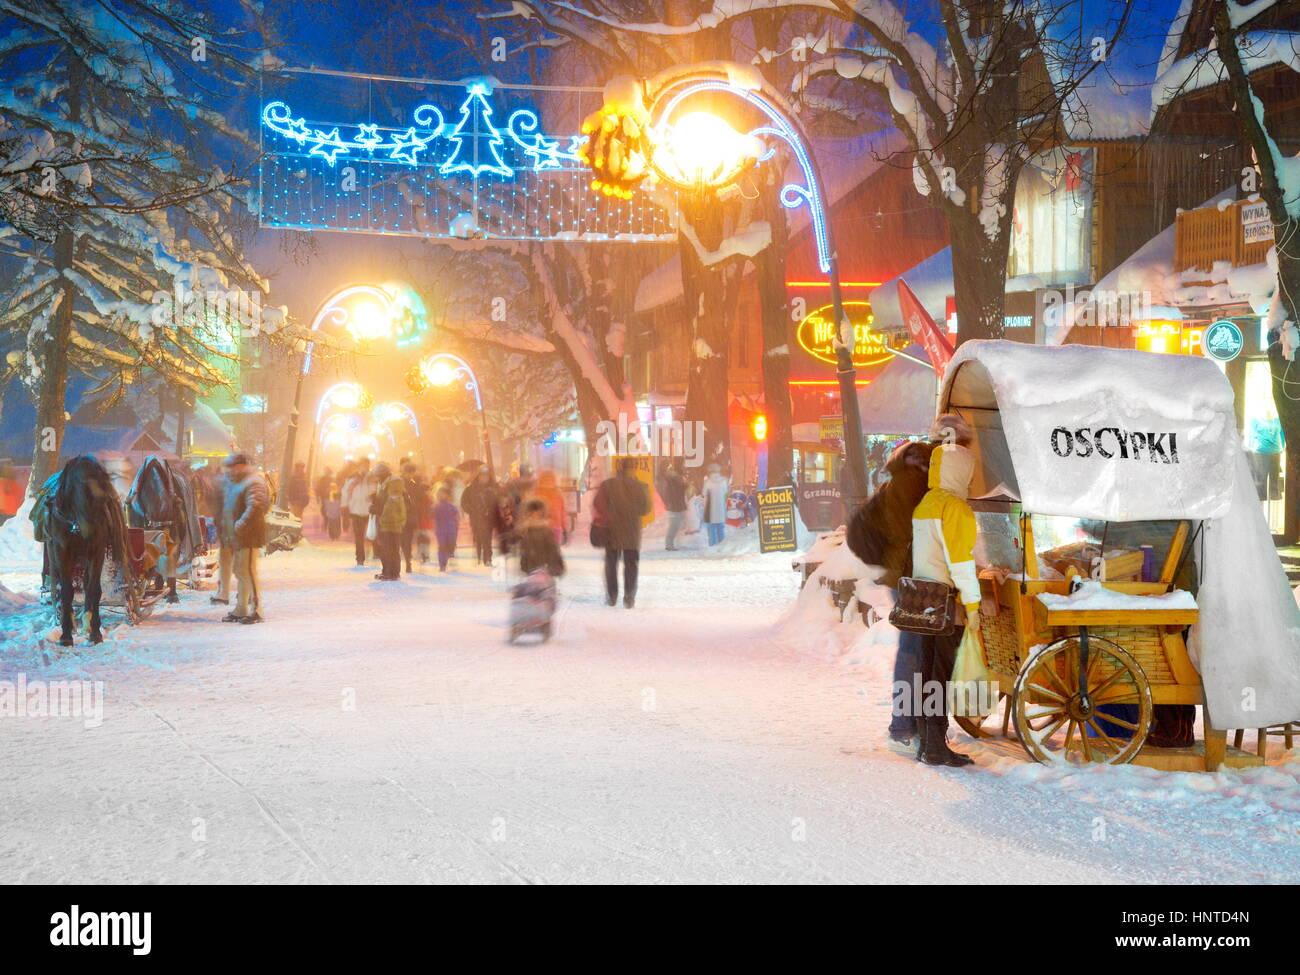 Neve invernale città al tempo di Natale a Zakopane, Polonia Immagini Stock